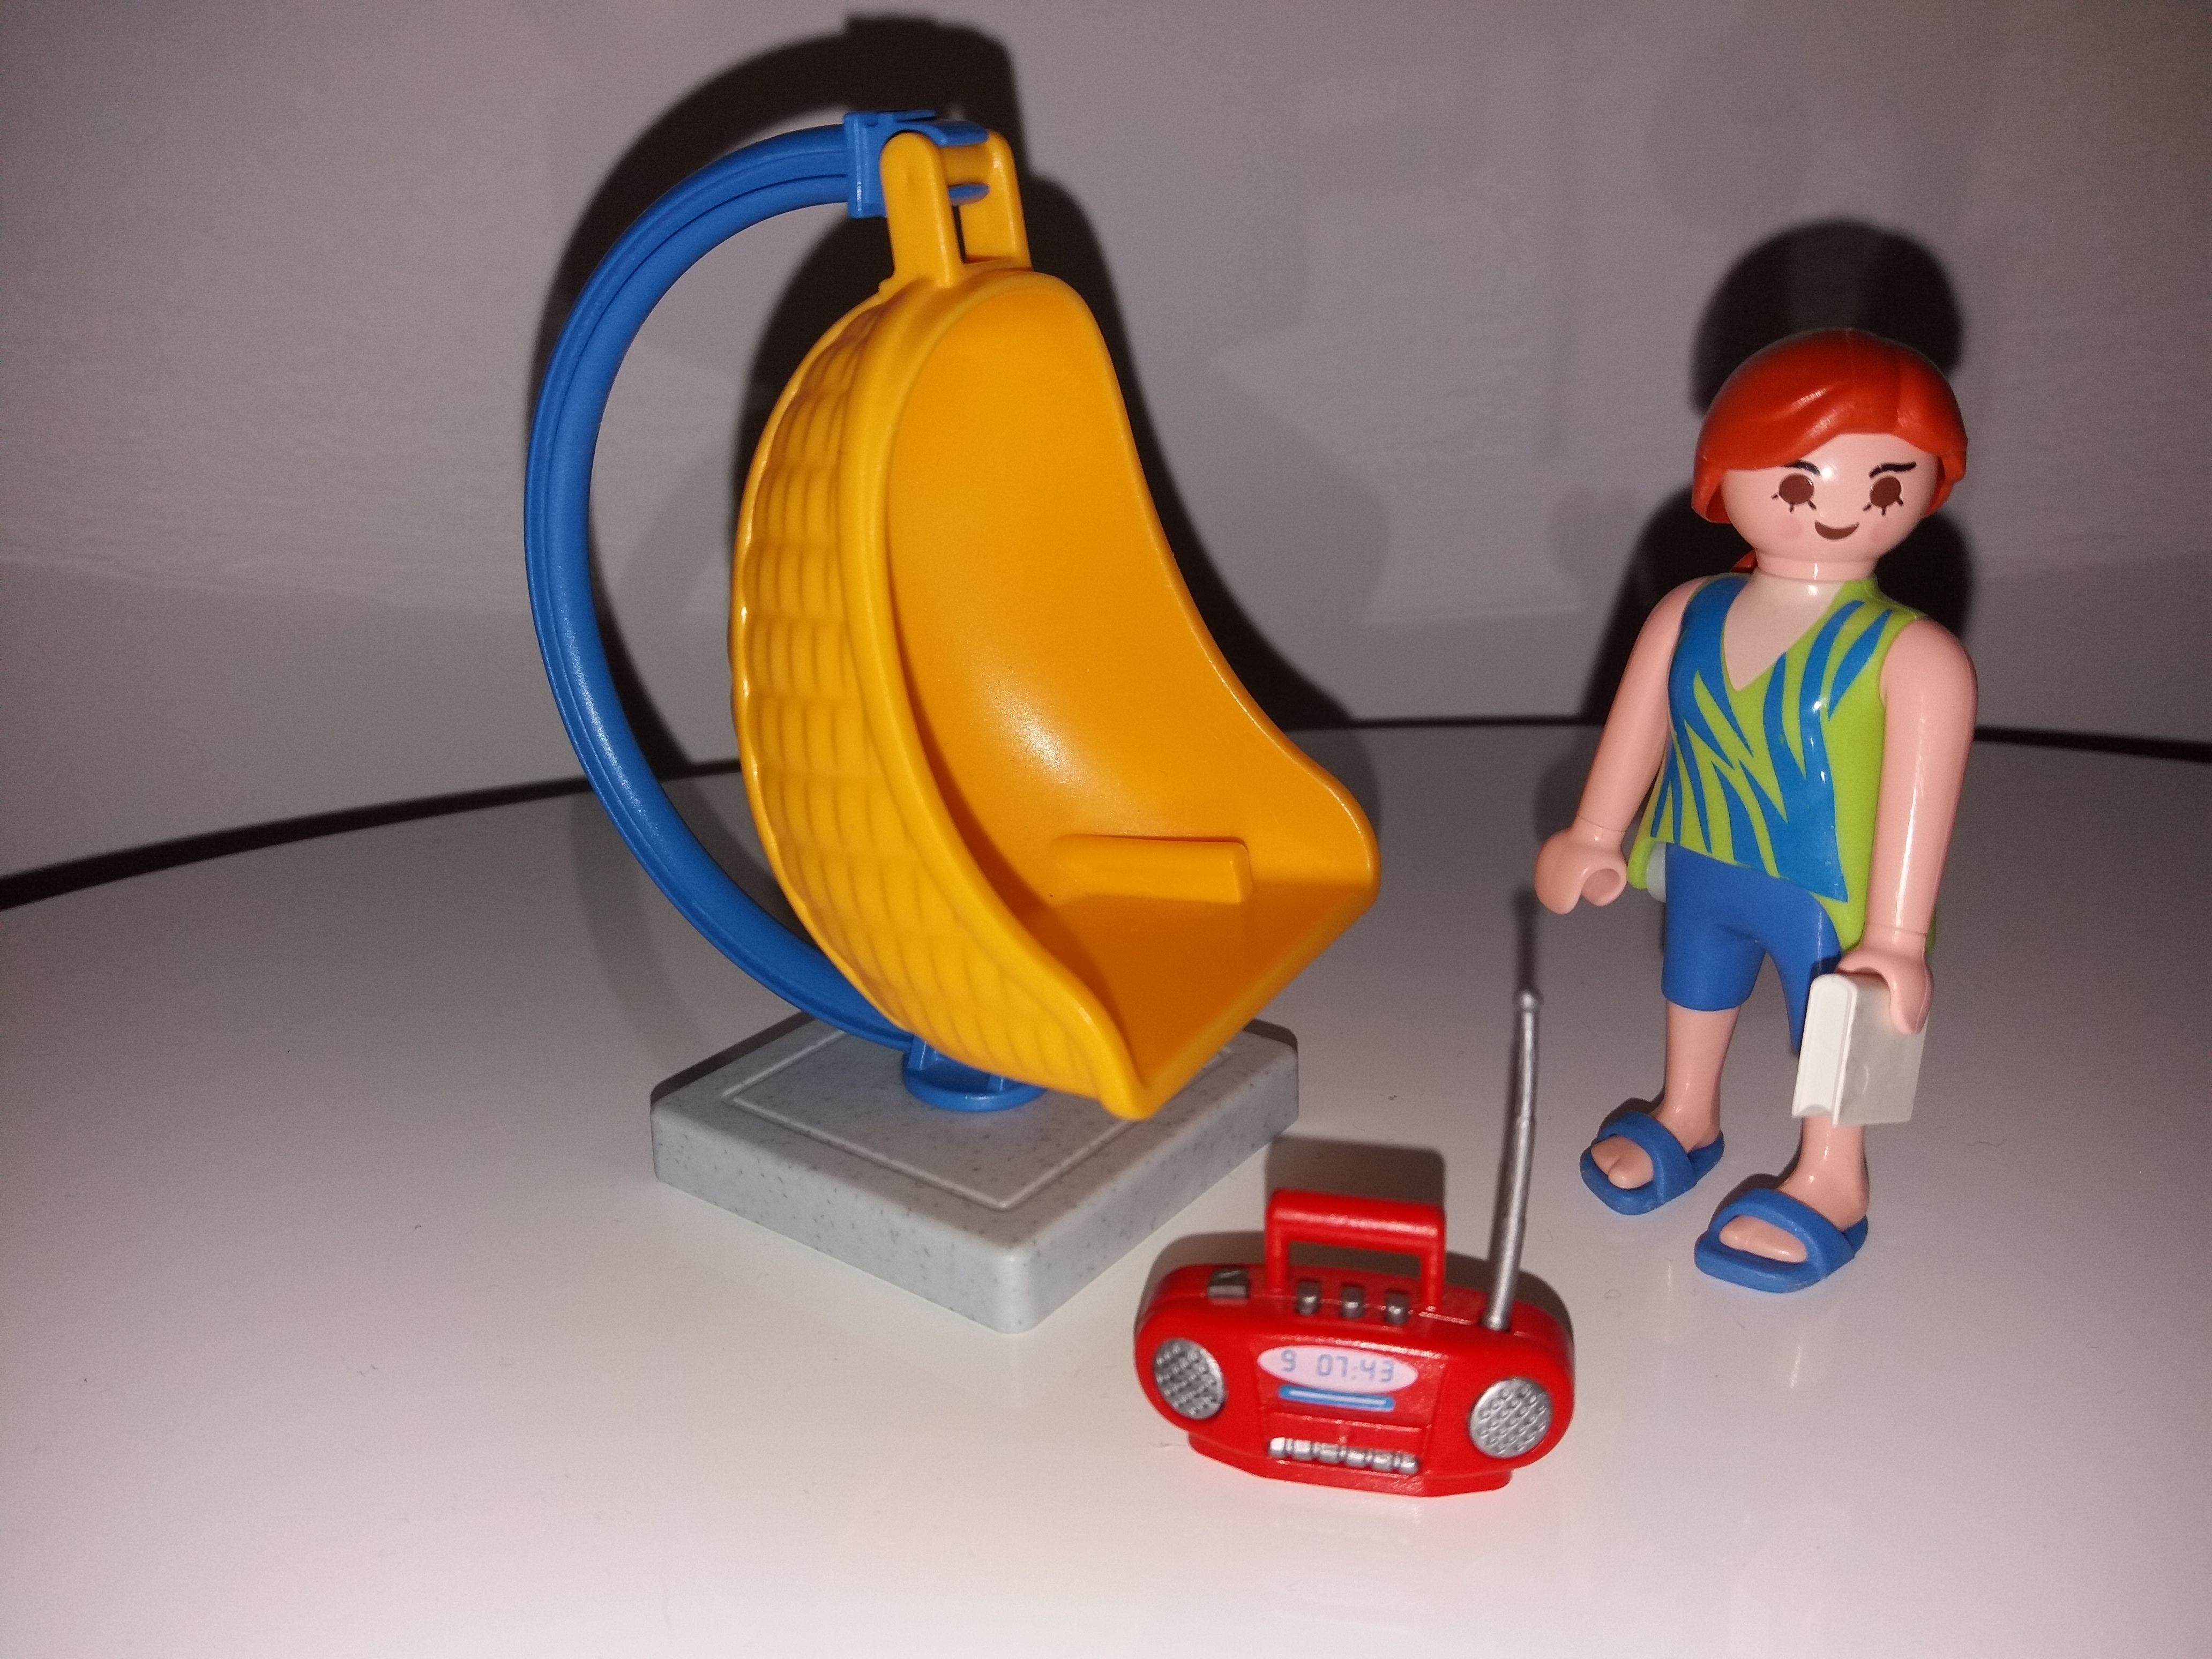 Playmobil Hängekorb